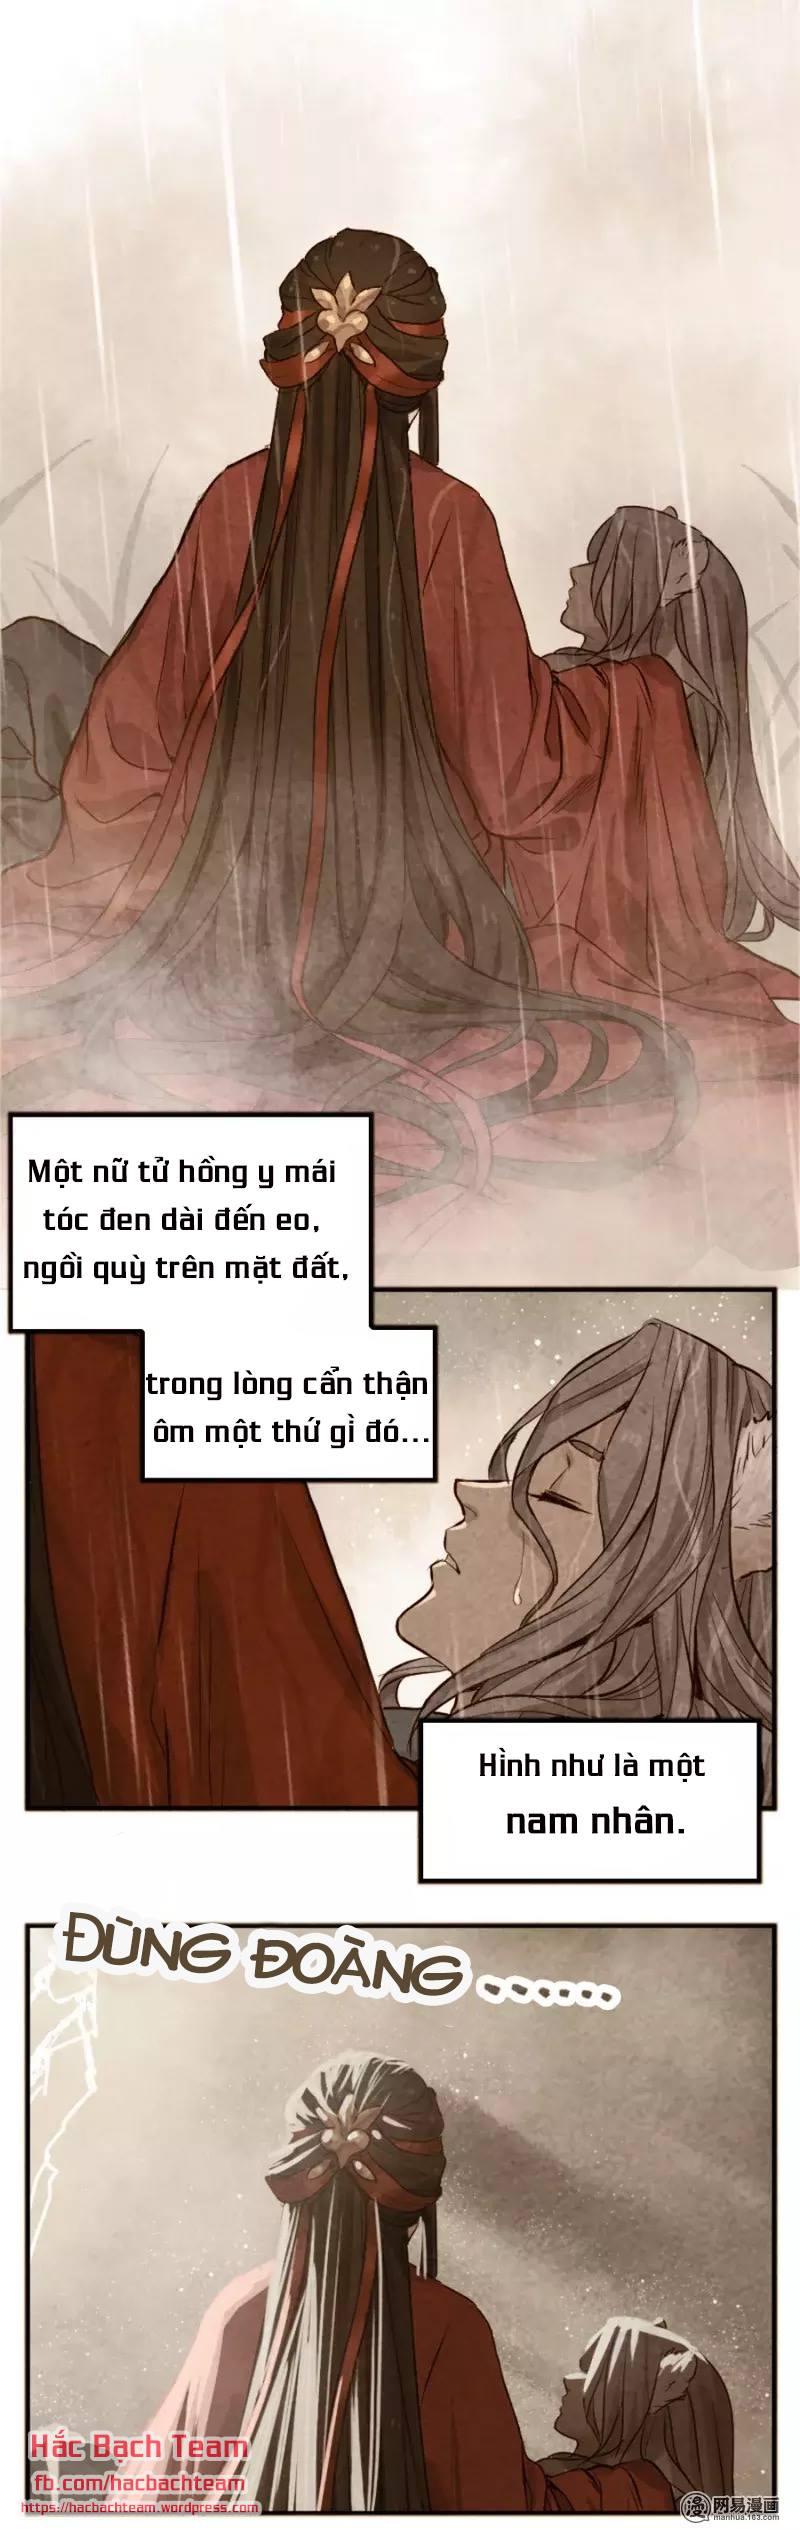 Minh Thần Người Chờ Một Chút – Chap 1